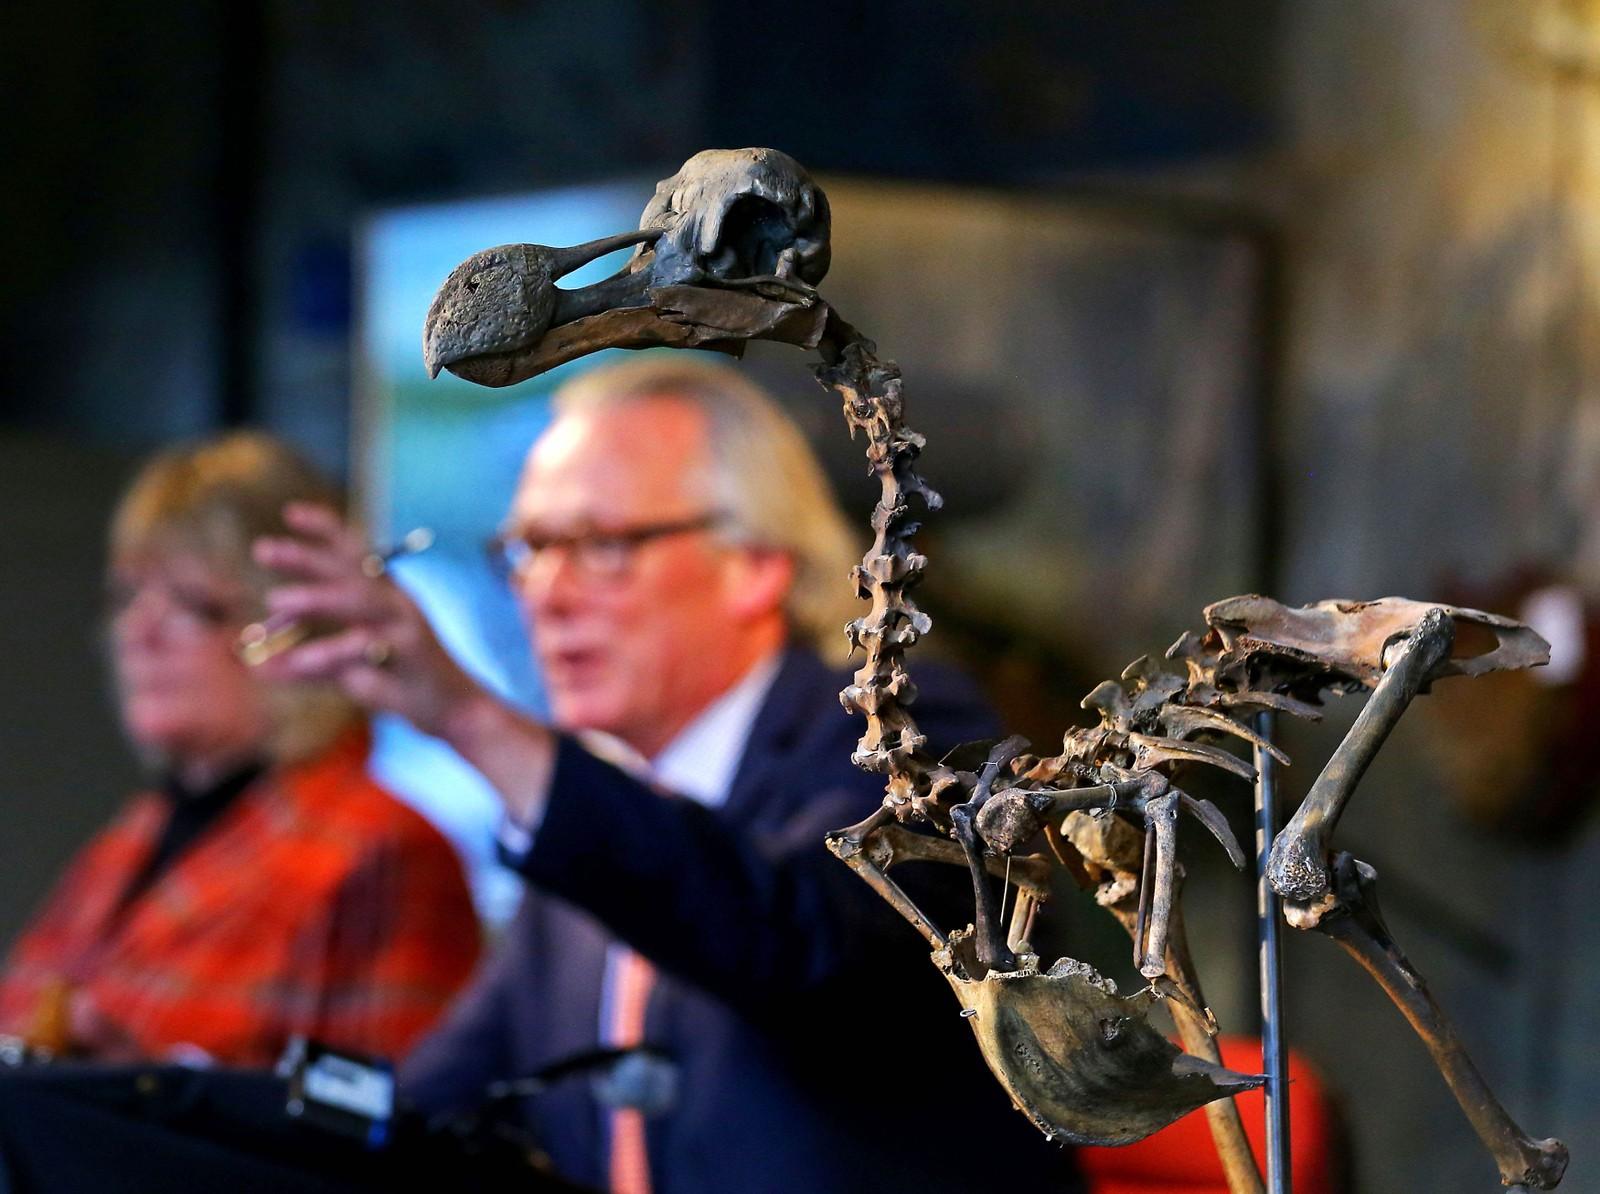 Auksjonarius James Rylands selger et nesten komplett dodo-skjelett til en privat samler i Billinghurst i England. Prisen ble nesten 3,7 millioner kroner. Dodo, eller dronte som den også kalles, var en fugl på rundt 20 kilo som ikke kunne fly. Man antar at den døde ut i rundt 1681.